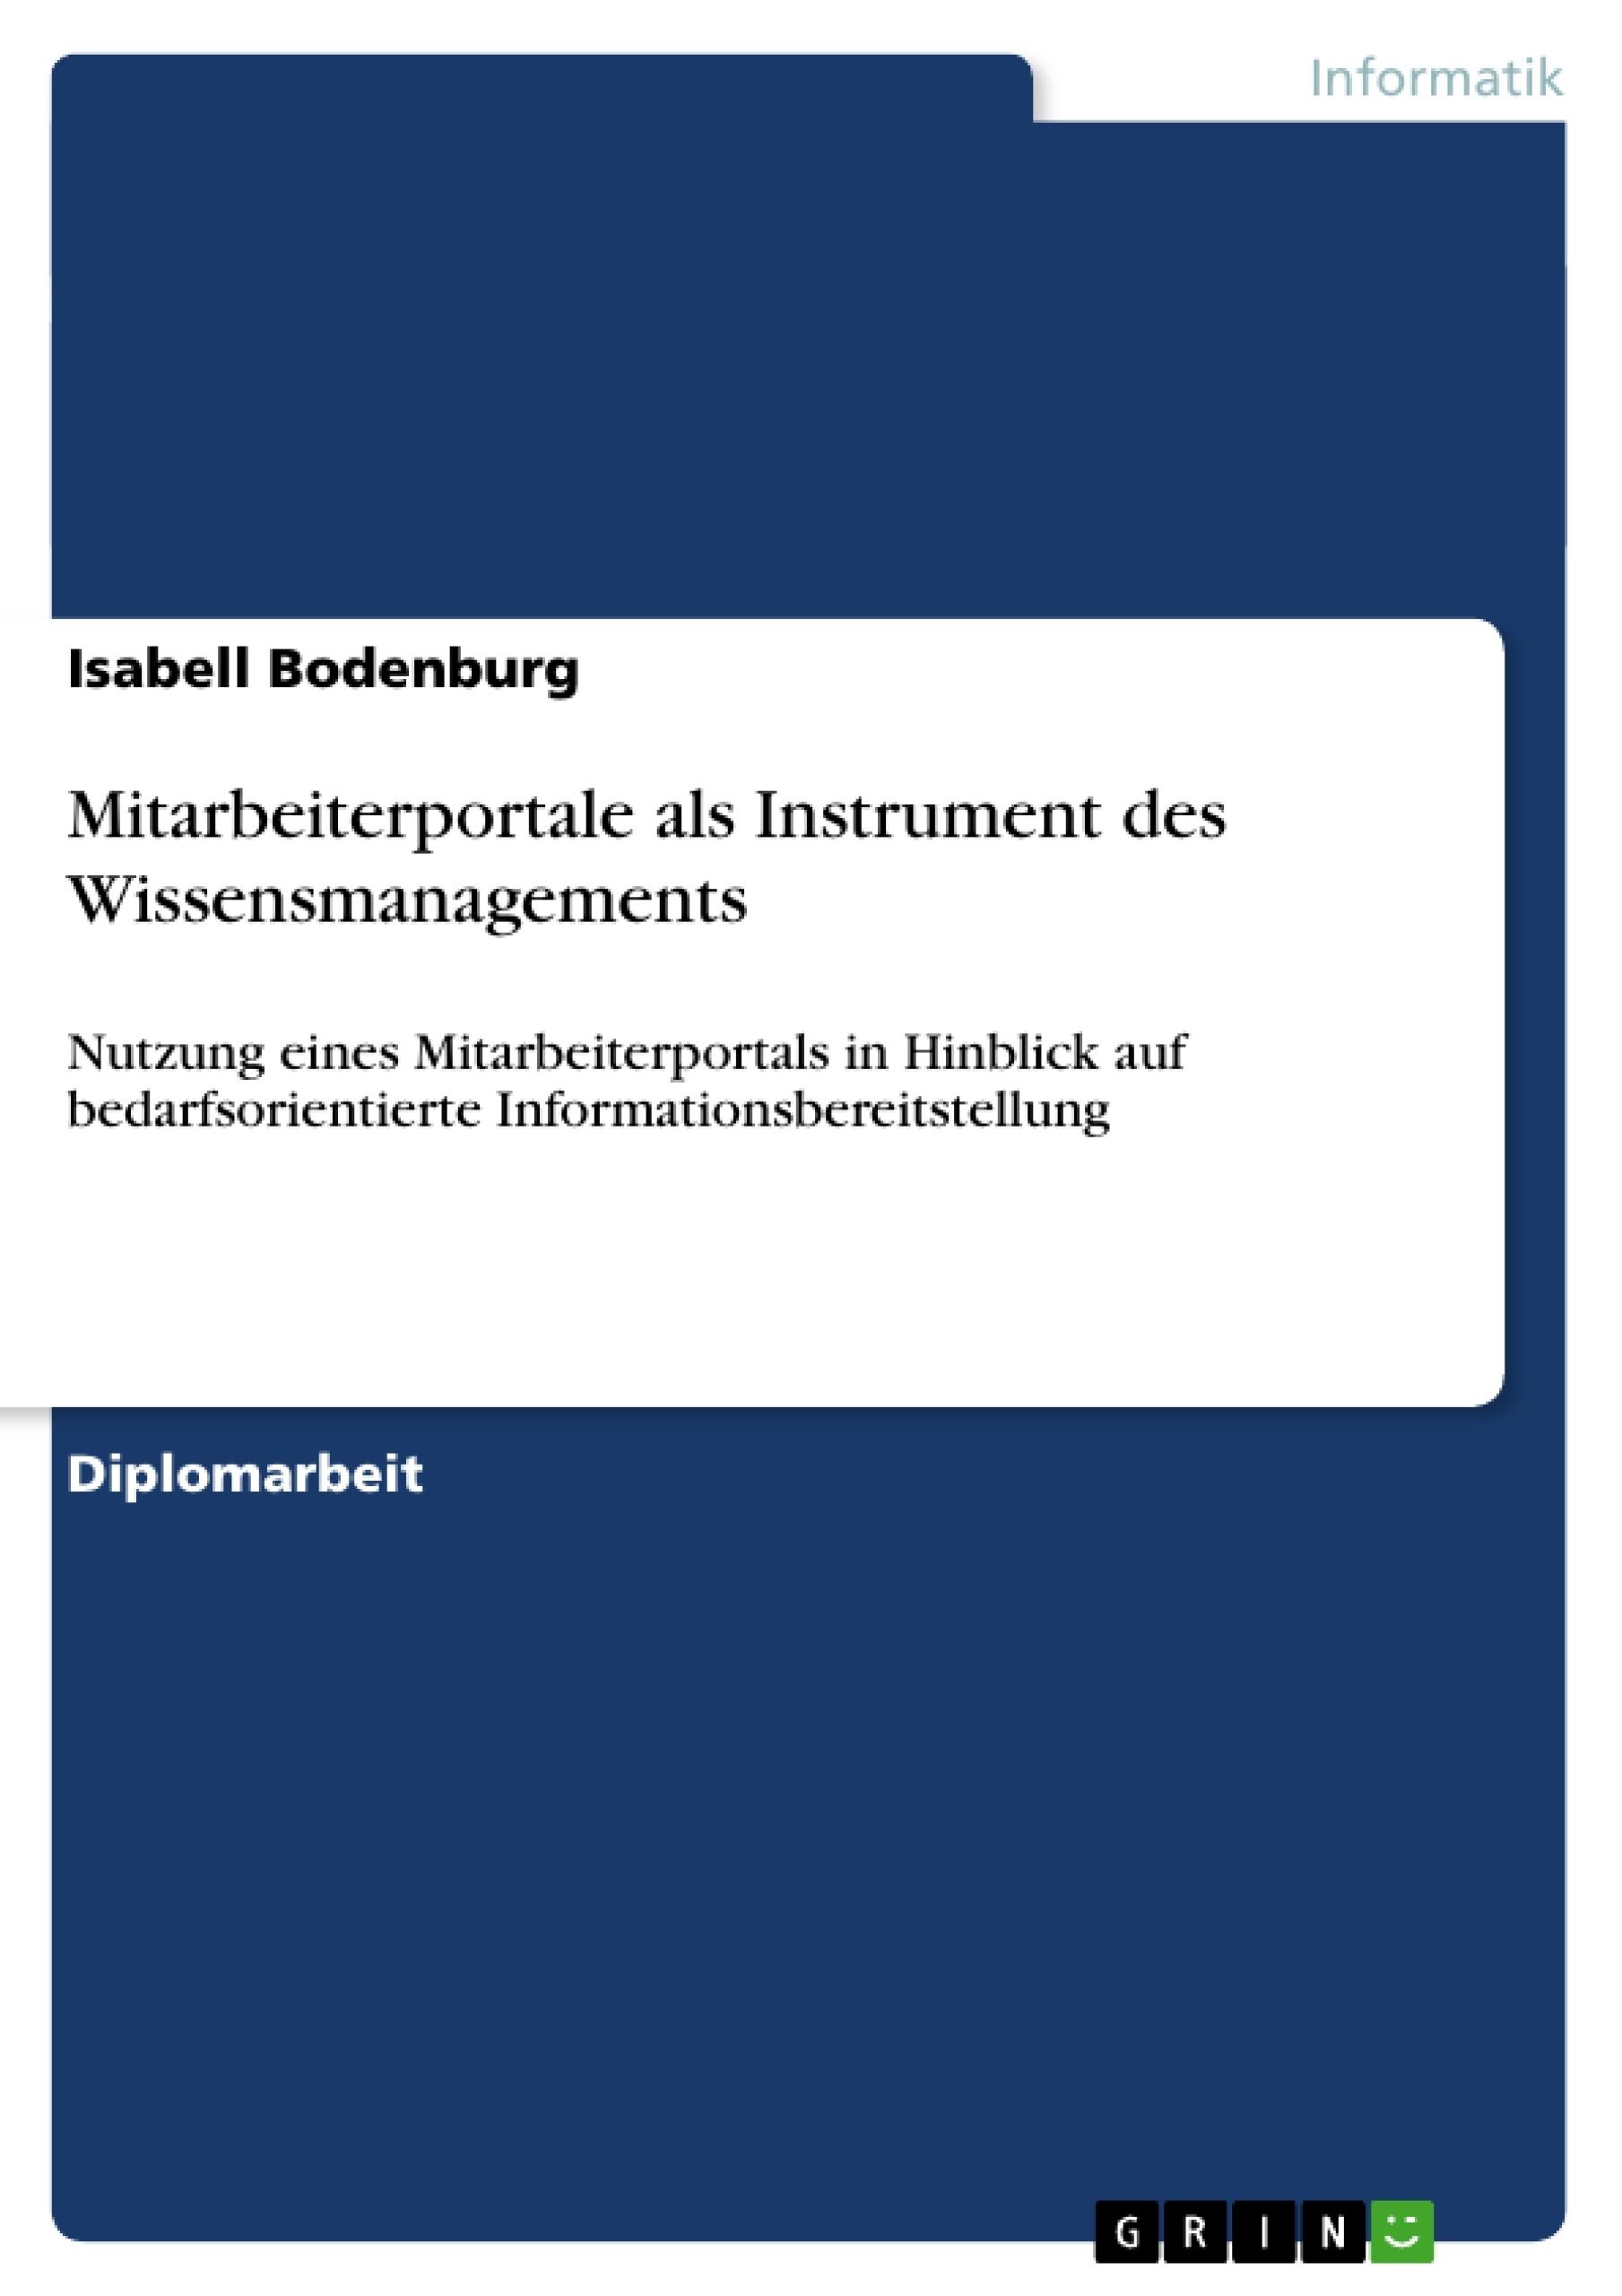 Titel: Mitarbeiterportale als Instrument des Wissensmanagements